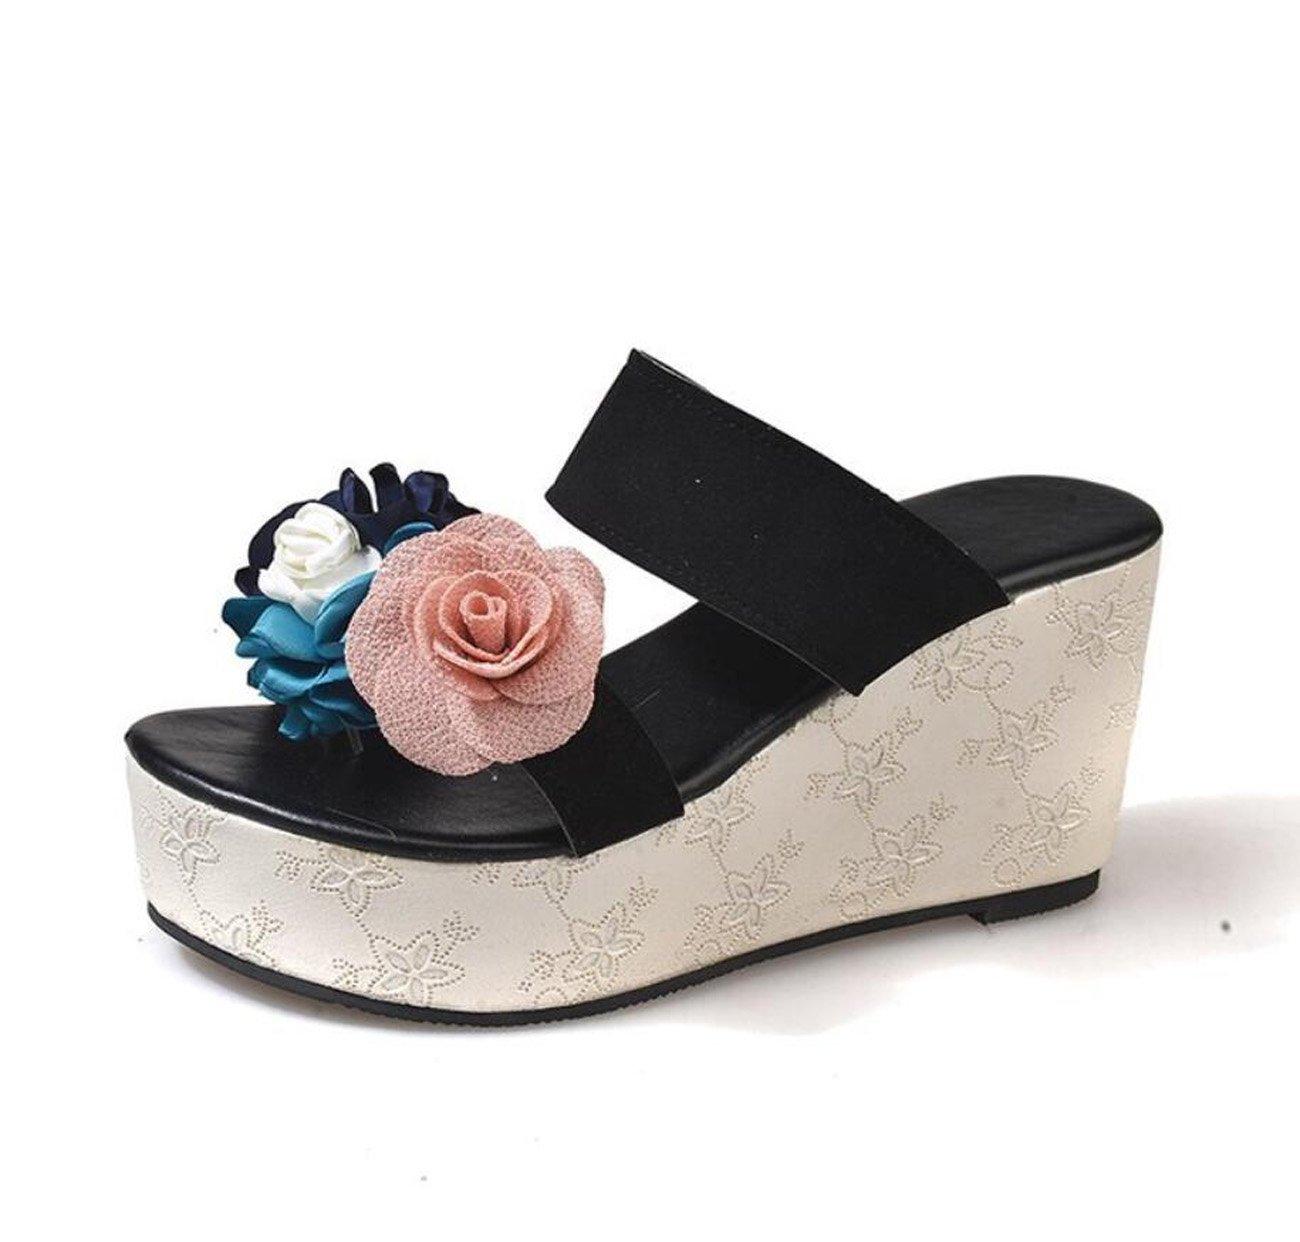 Damen Plattform Flip Flops Wedge Rose Sandalen Roman Sommer Strand Schuhe für Frauen Mädchen (Beige Schwarz Rosa) ( Color : Rosa , Größe : 38 )